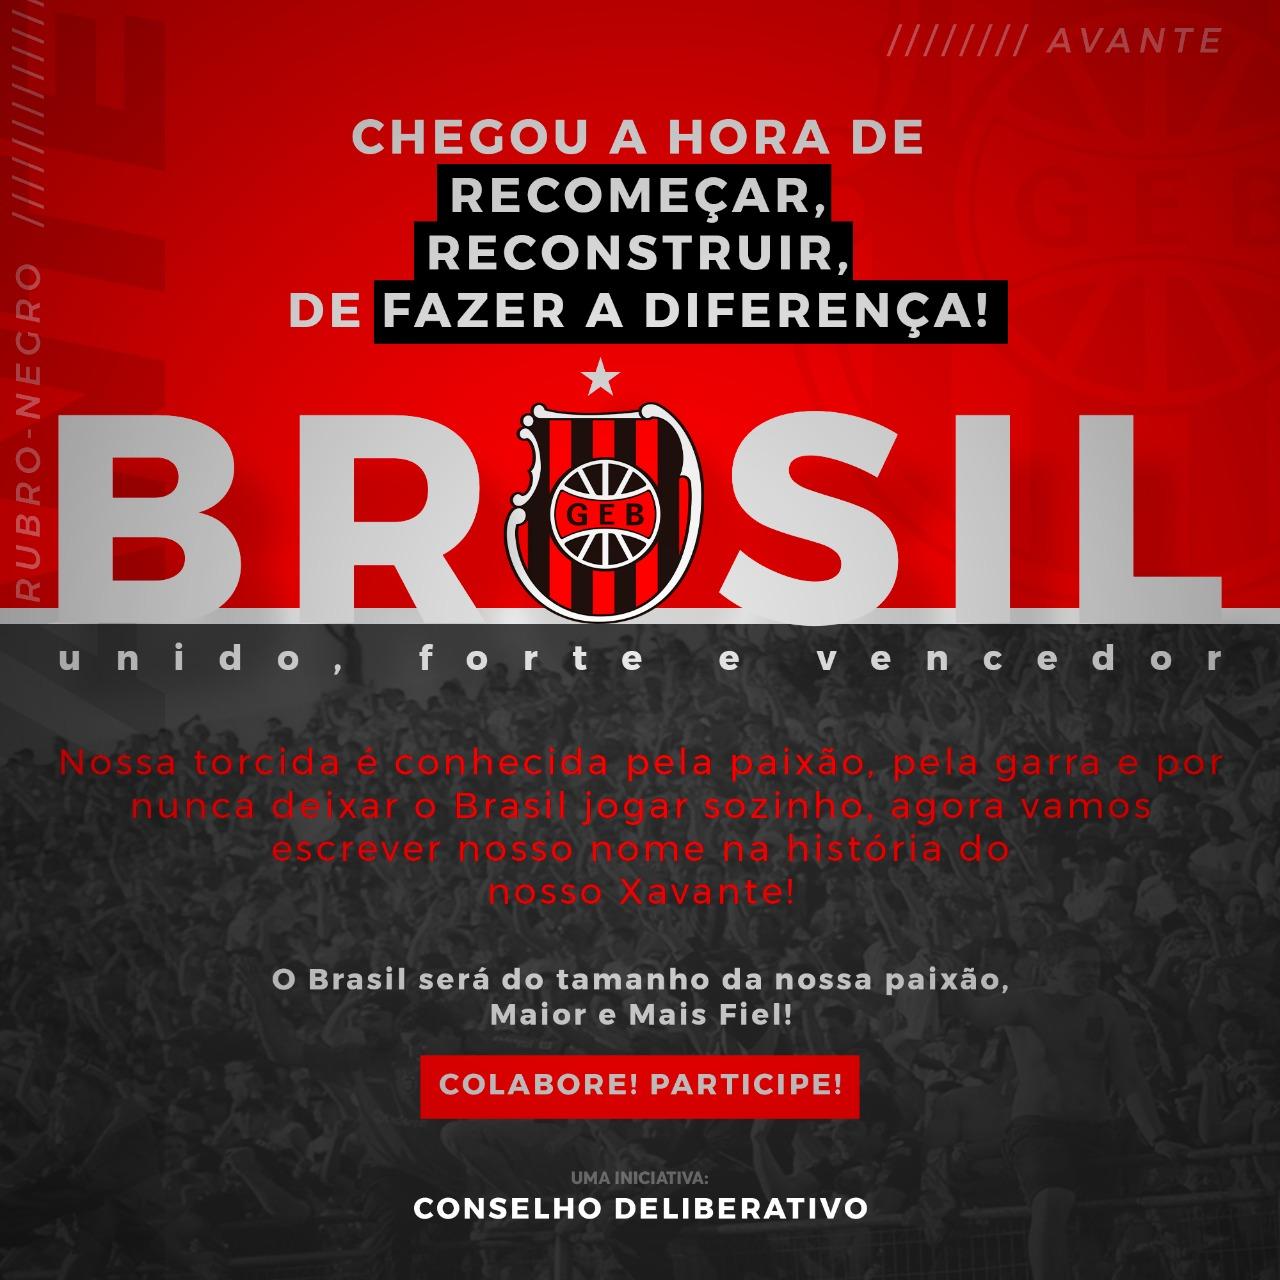 BRASIL UNIDO FORTE E VENCEDOR